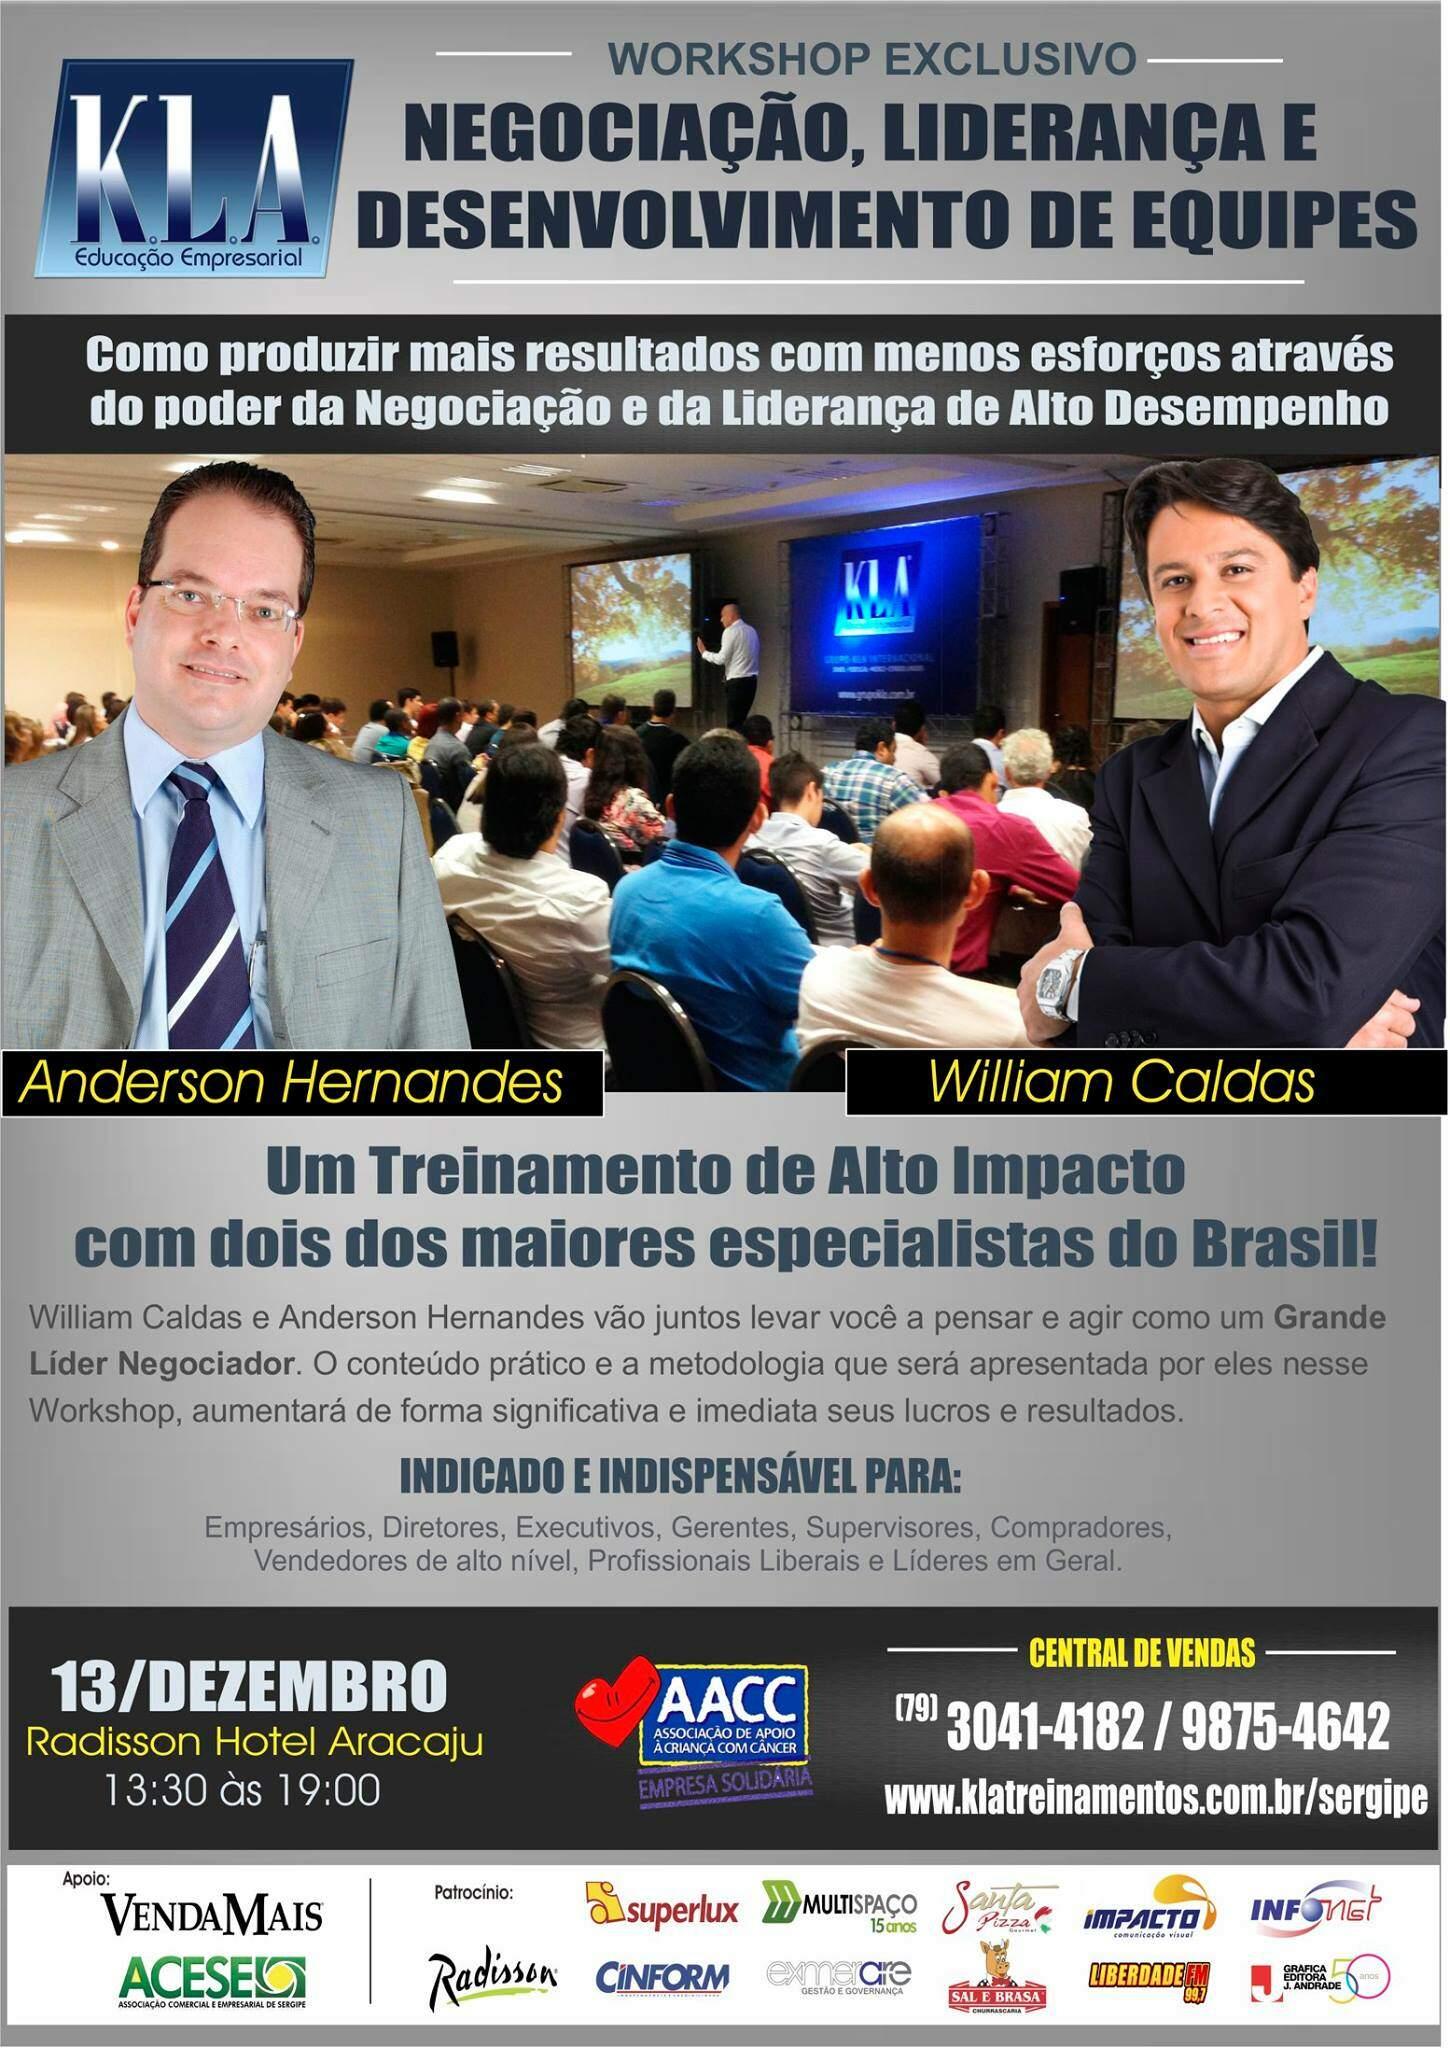 Anderson Hernandes Negociação